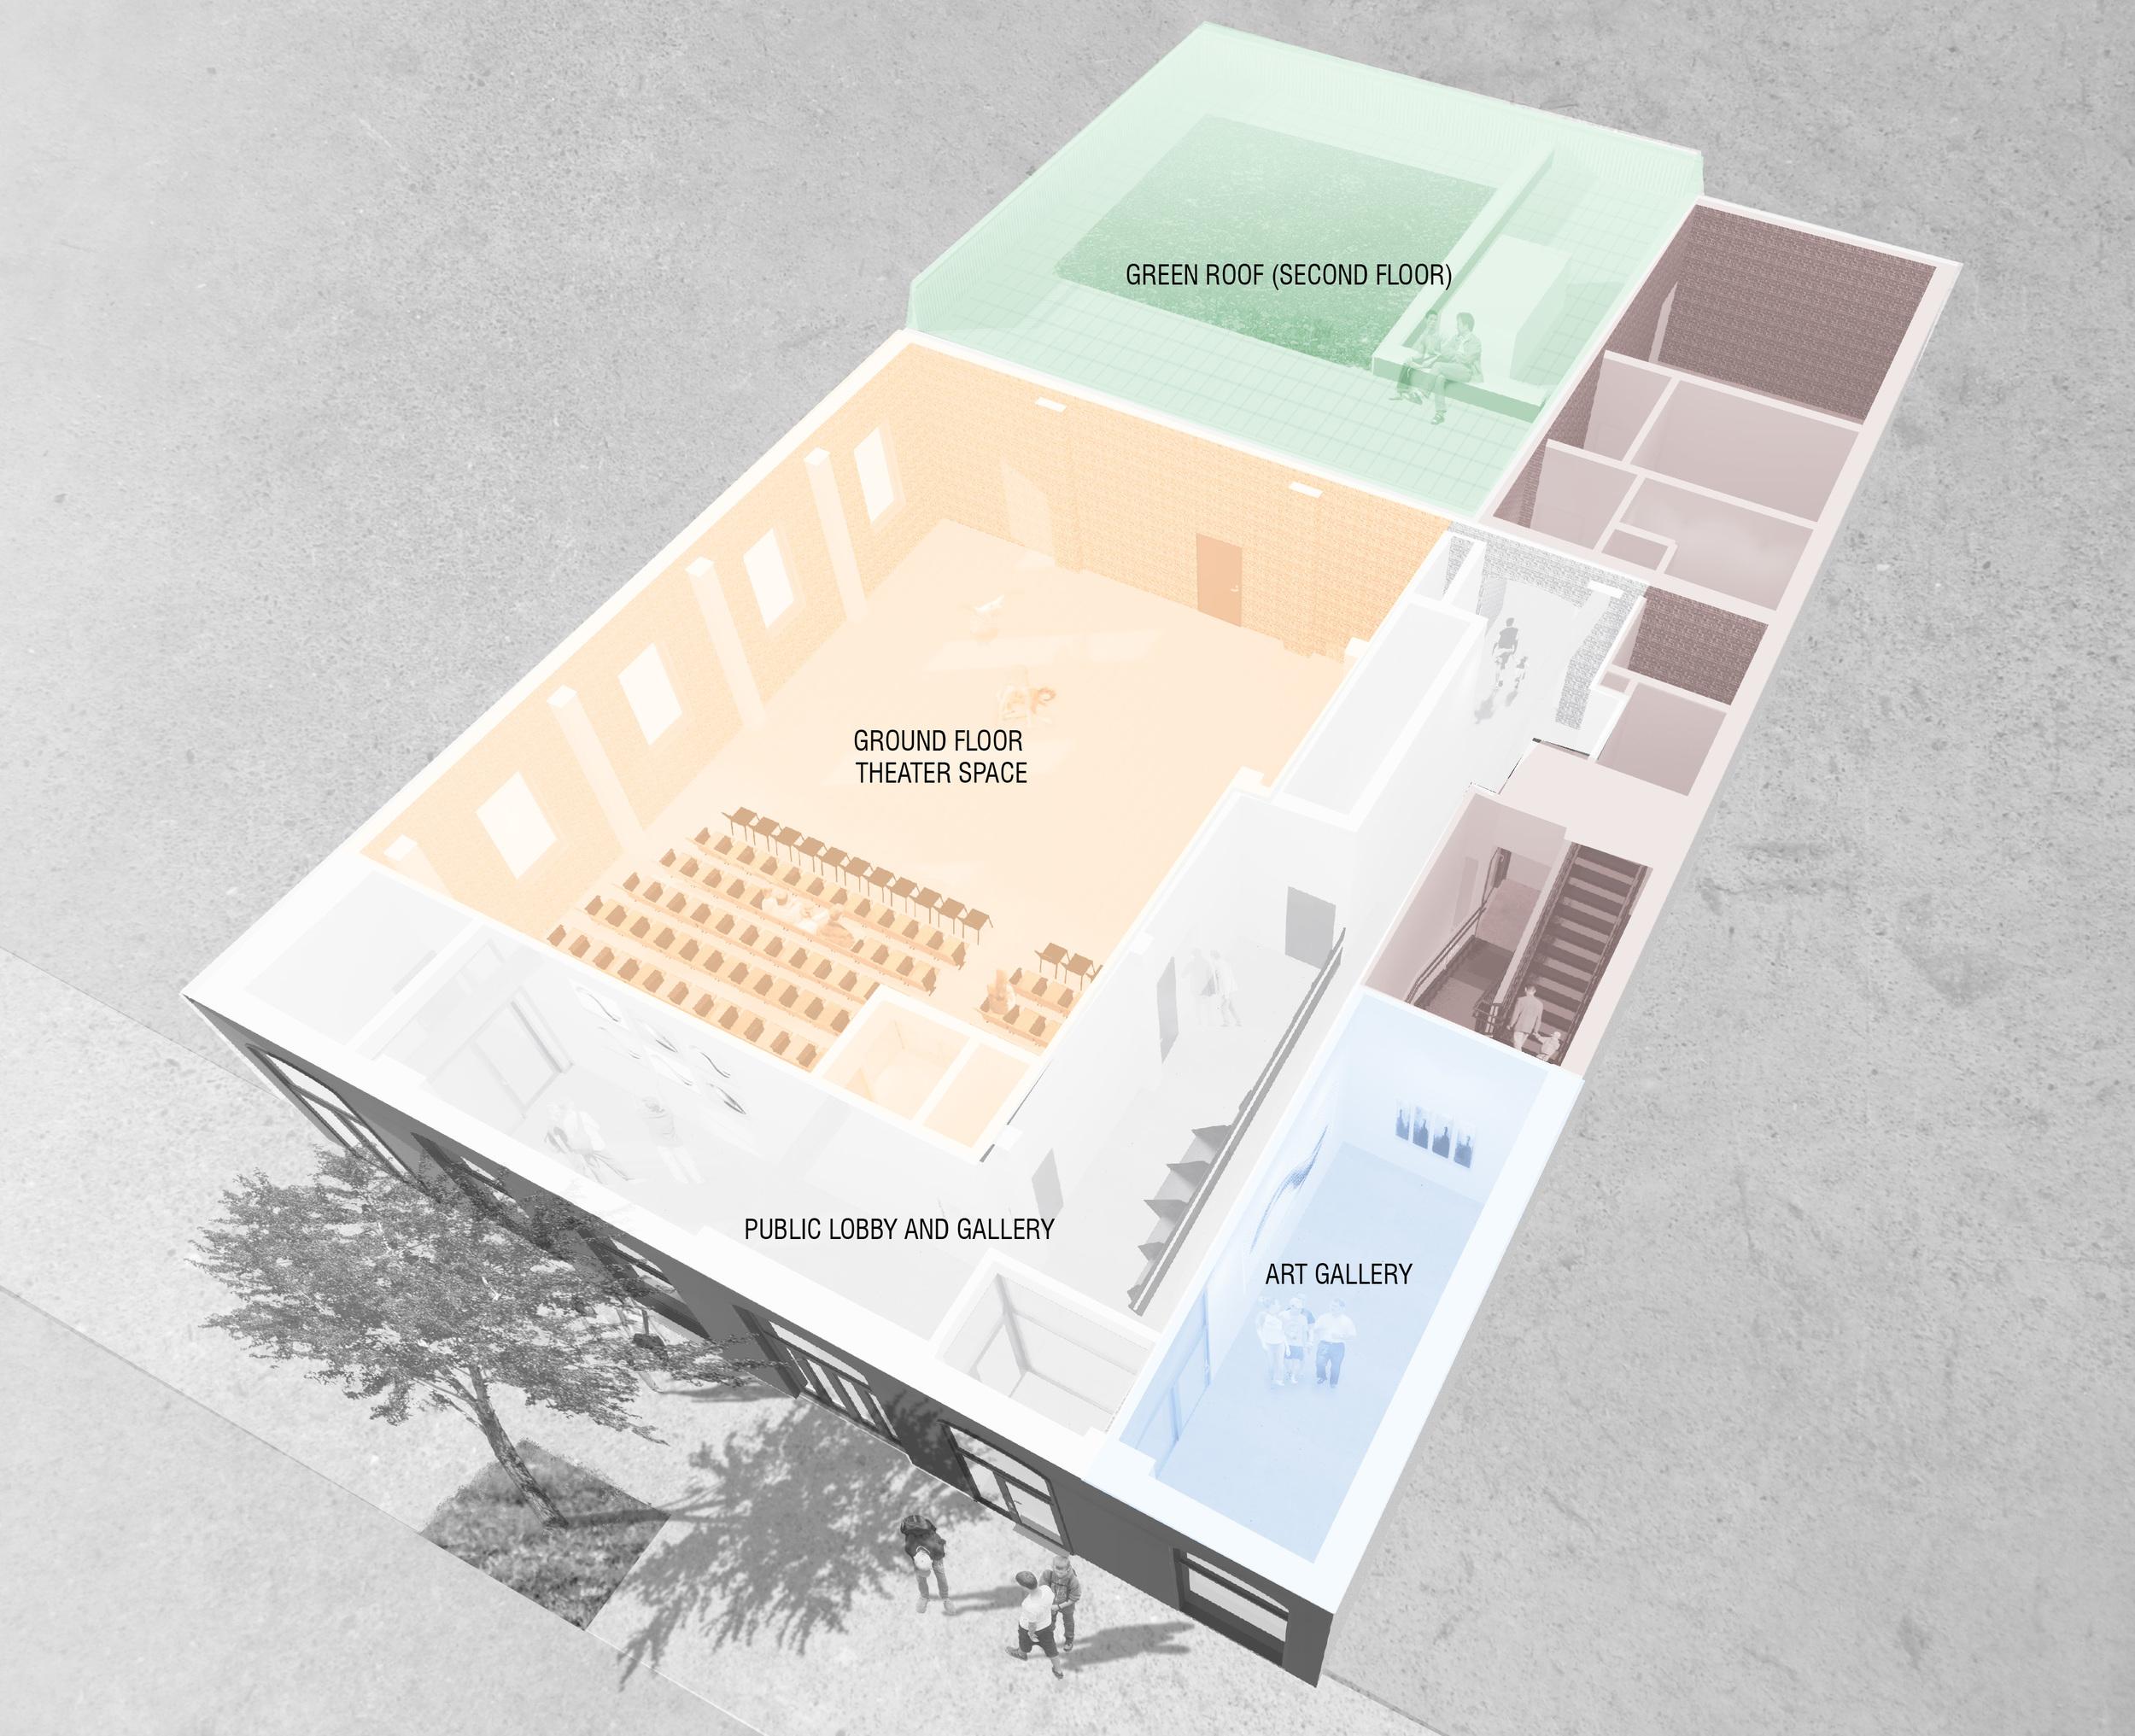 Ground Floor Cutaway Diagram.jpg